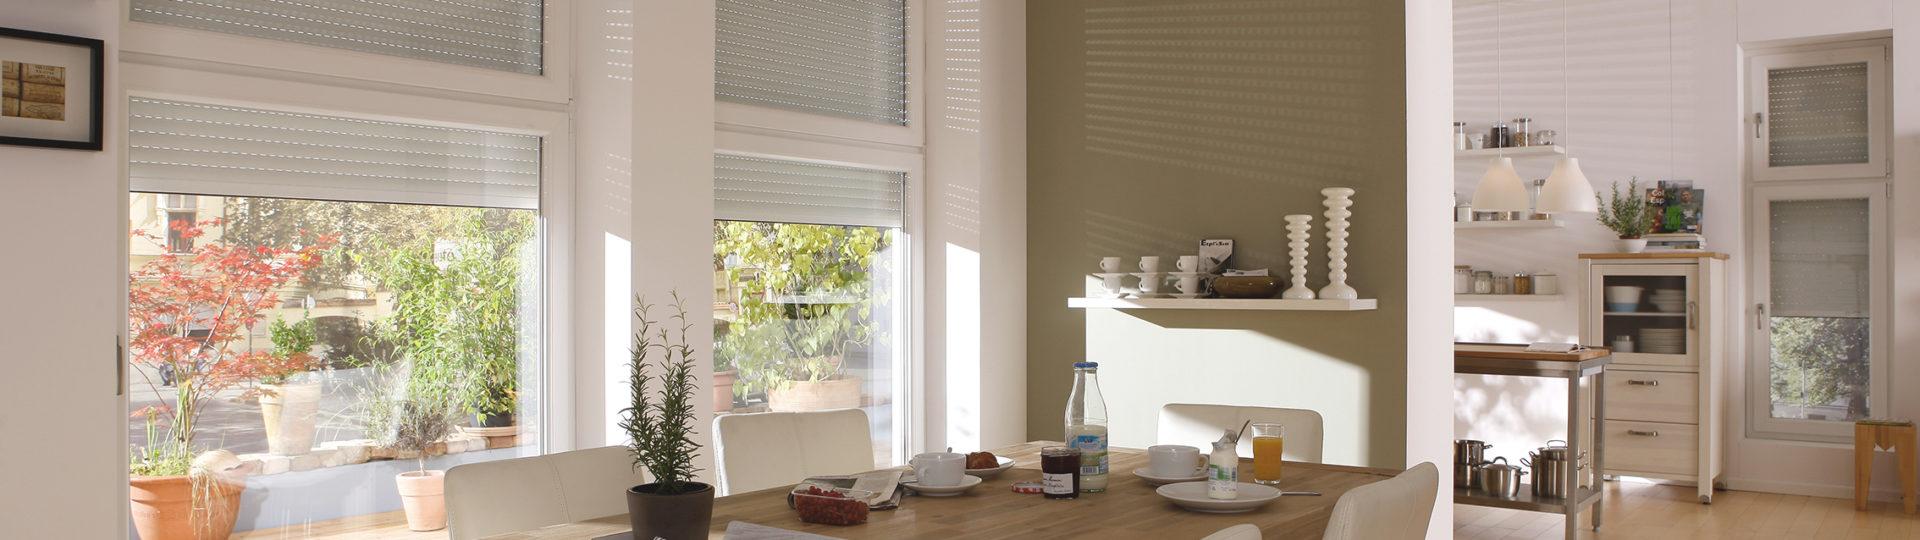 Fenster von Lieber dicht und wohlig warm für die kalte Jahreszeit Headerbild